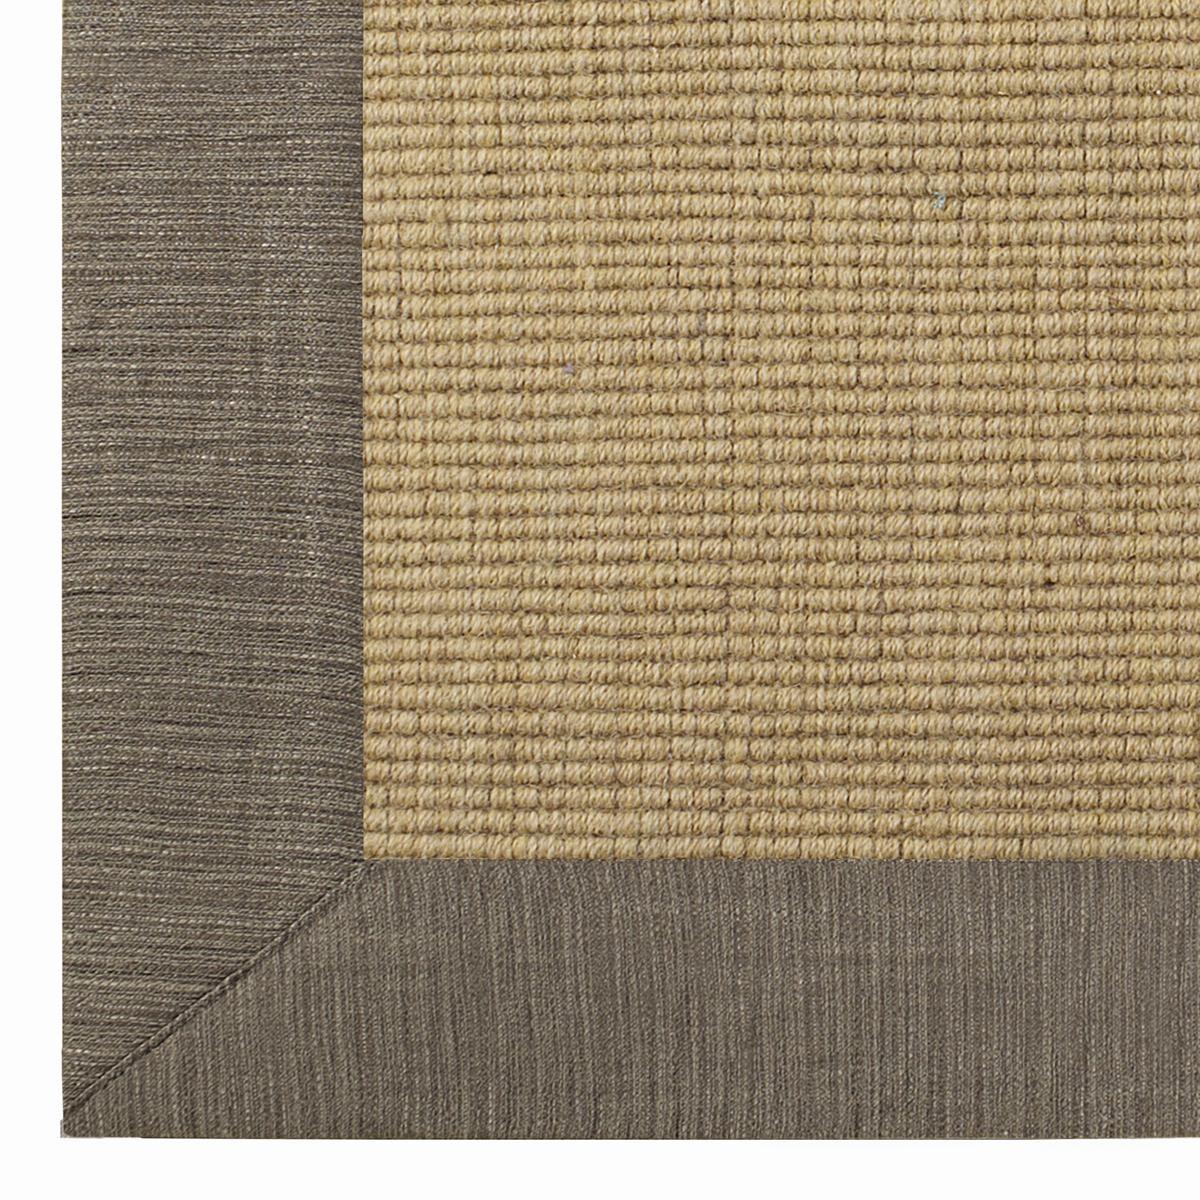 Linen Texture Border Wool Sisal Rug Sisal Rugs And Sisal